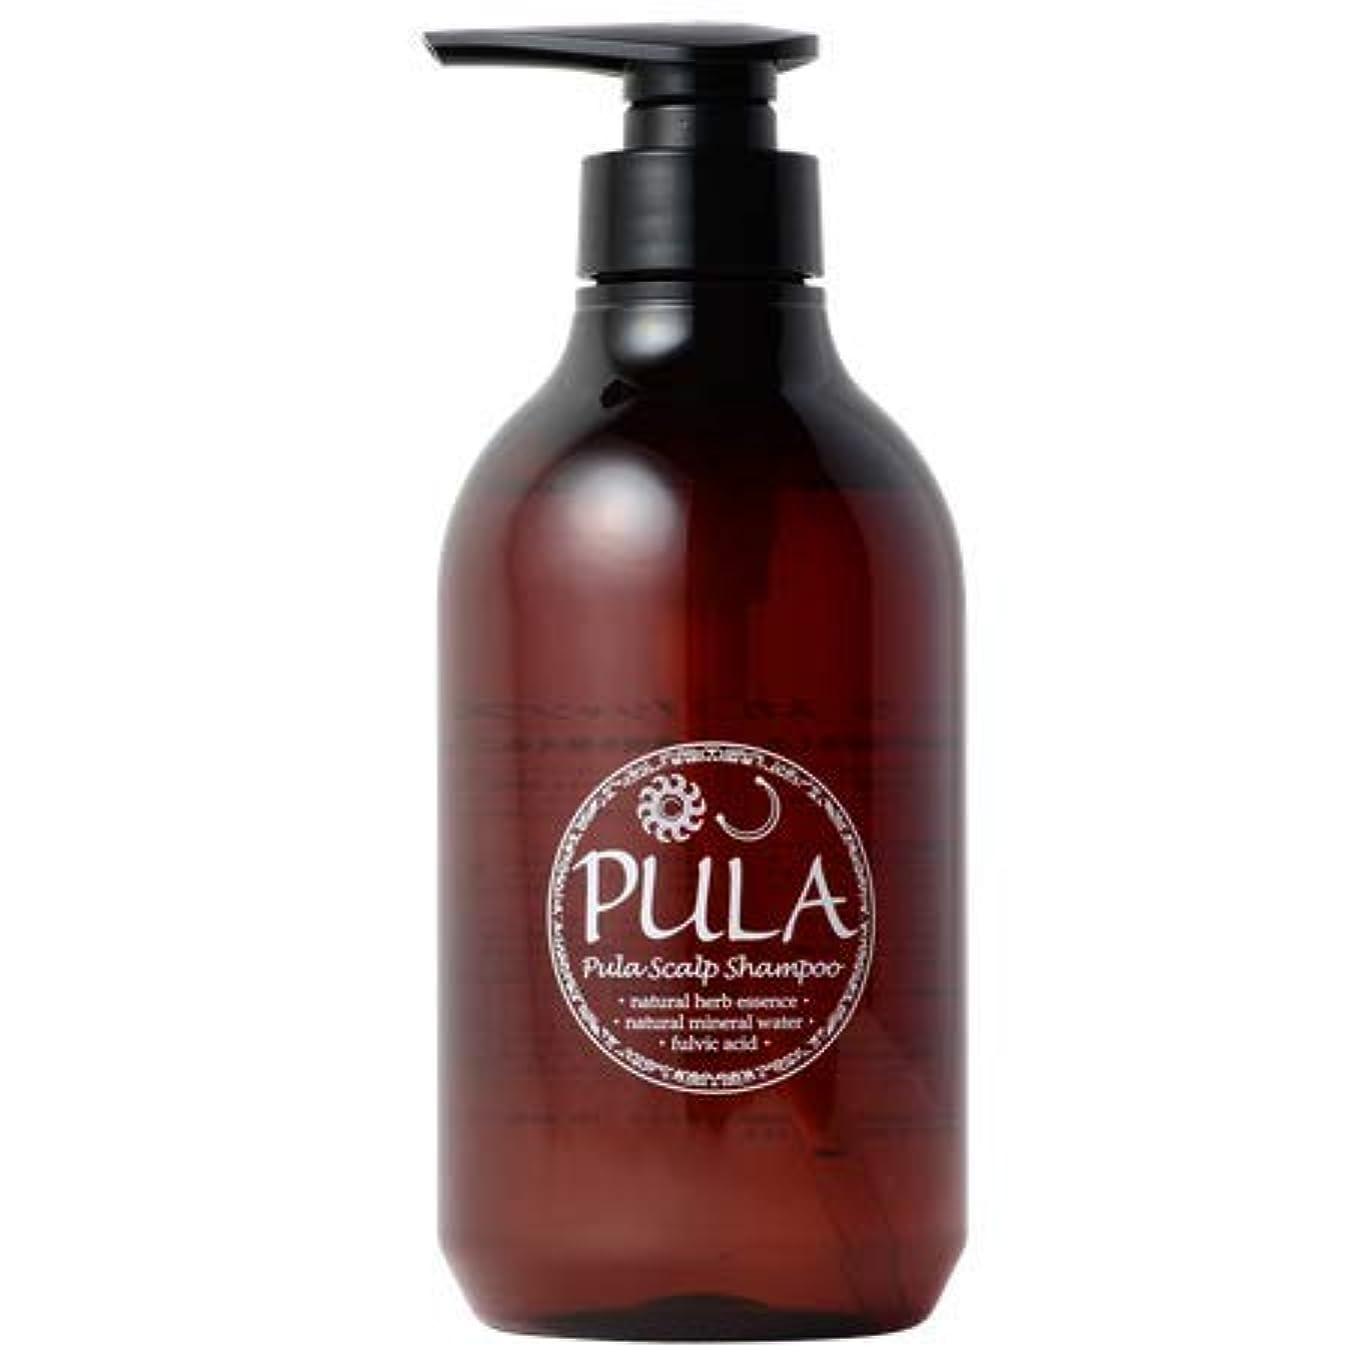 質素なの頭の上悪いプーラ スカルプ シャンプー 500ml 【 天然フレグランス/頭皮に優しい 】 ヘッドスパ専門店 PULA 自然由来配合